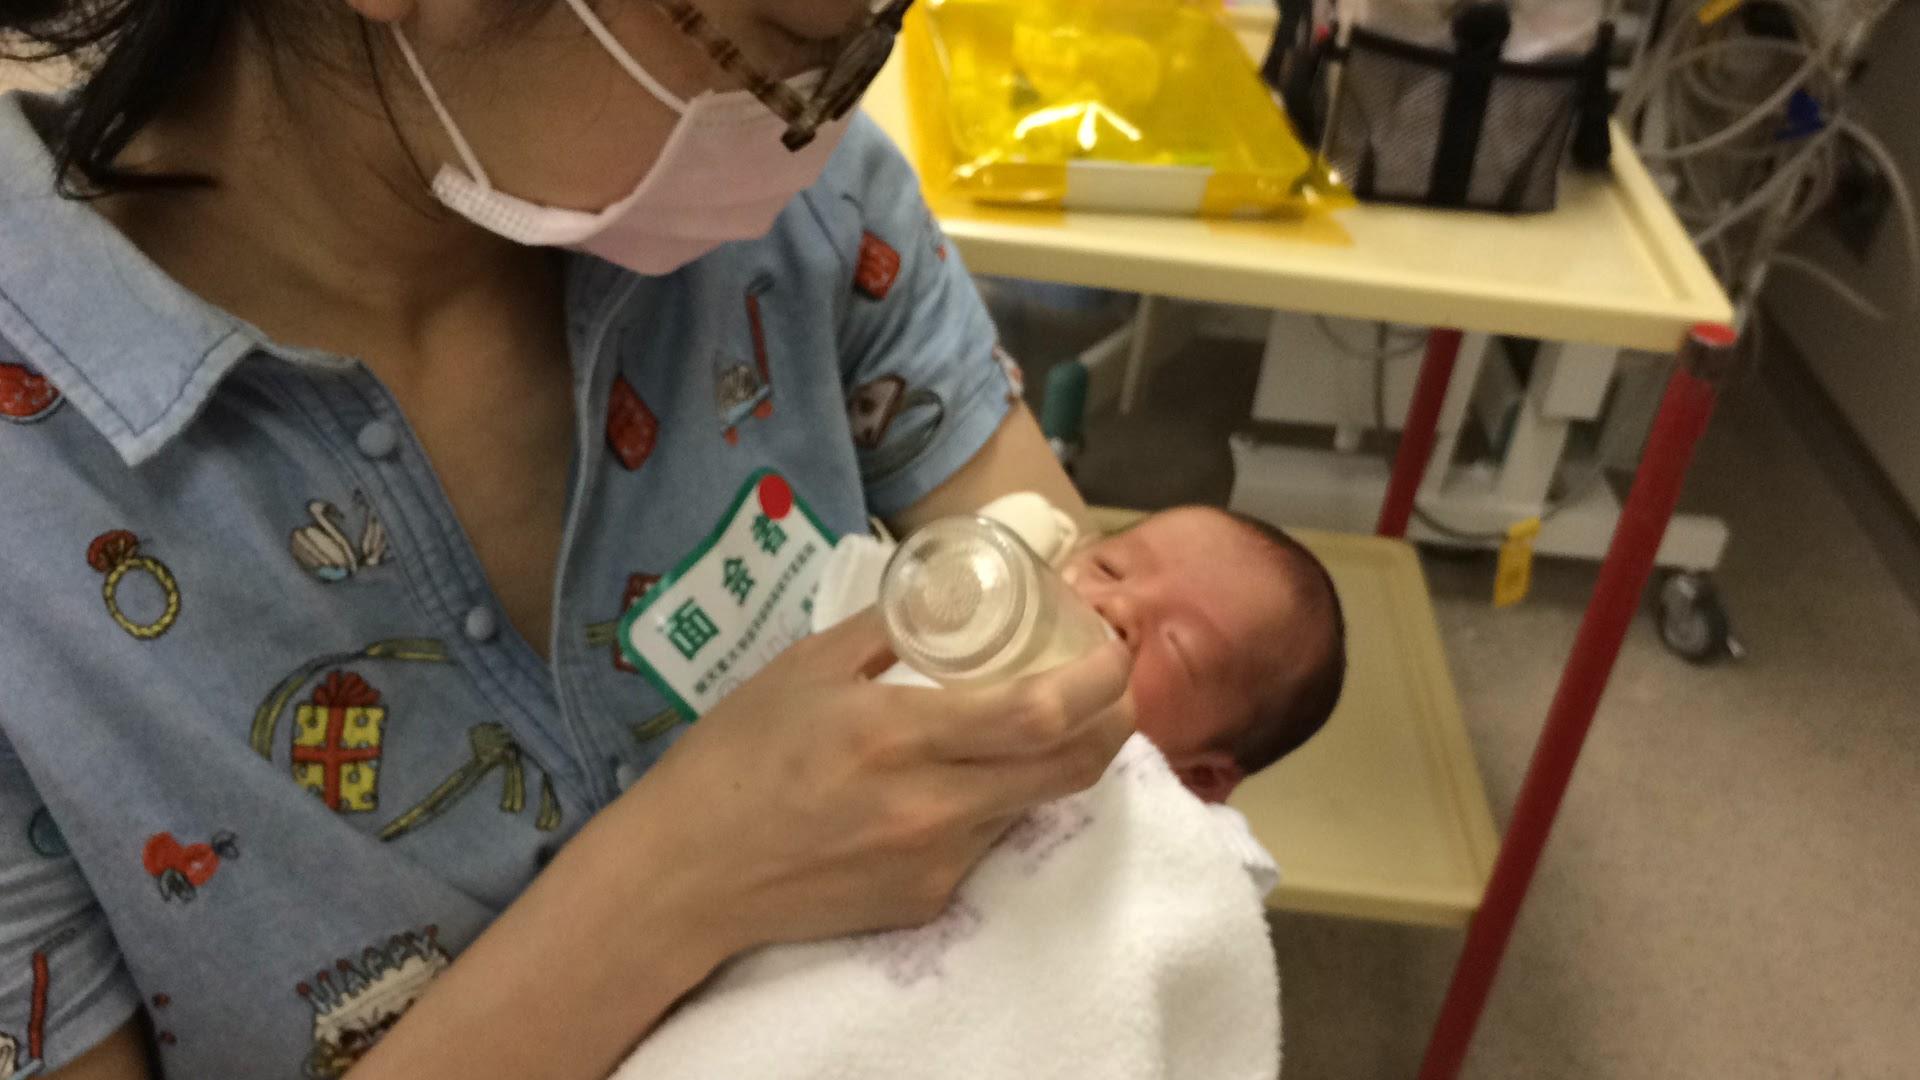 東京の助産院で産む予定が、早産で救急車で総合病院に運ばれ、緊急出産。息子は1ヶ月NICUへ